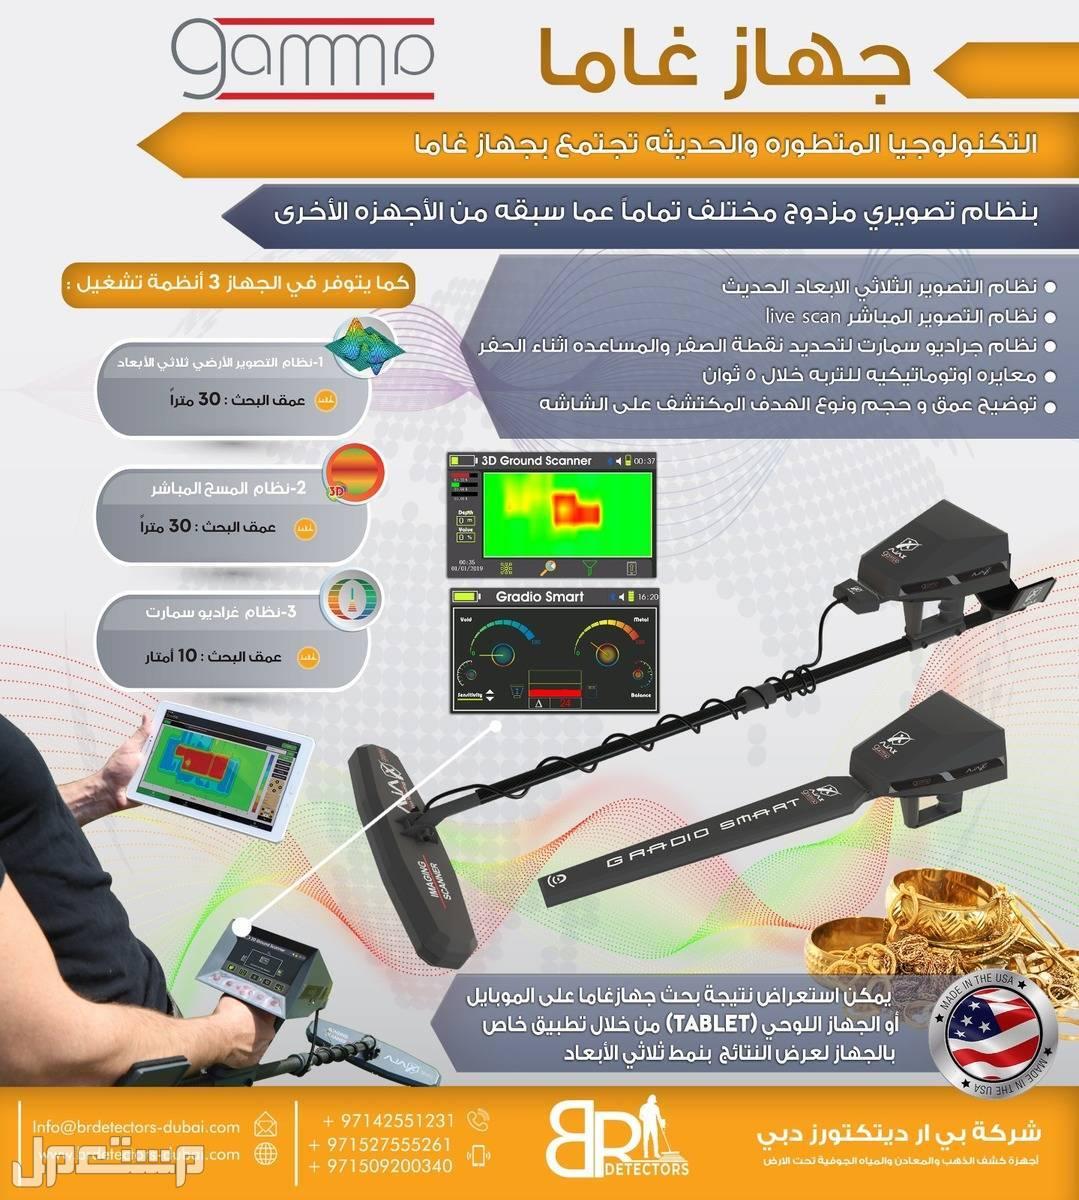 اجهزة التنقيب عن الذهب 2021 غاما - بي ار ديتكتورز دبي اجهزة التنقيب عن الذهب 2021 غاما - بي ار ديتكتورز دبي